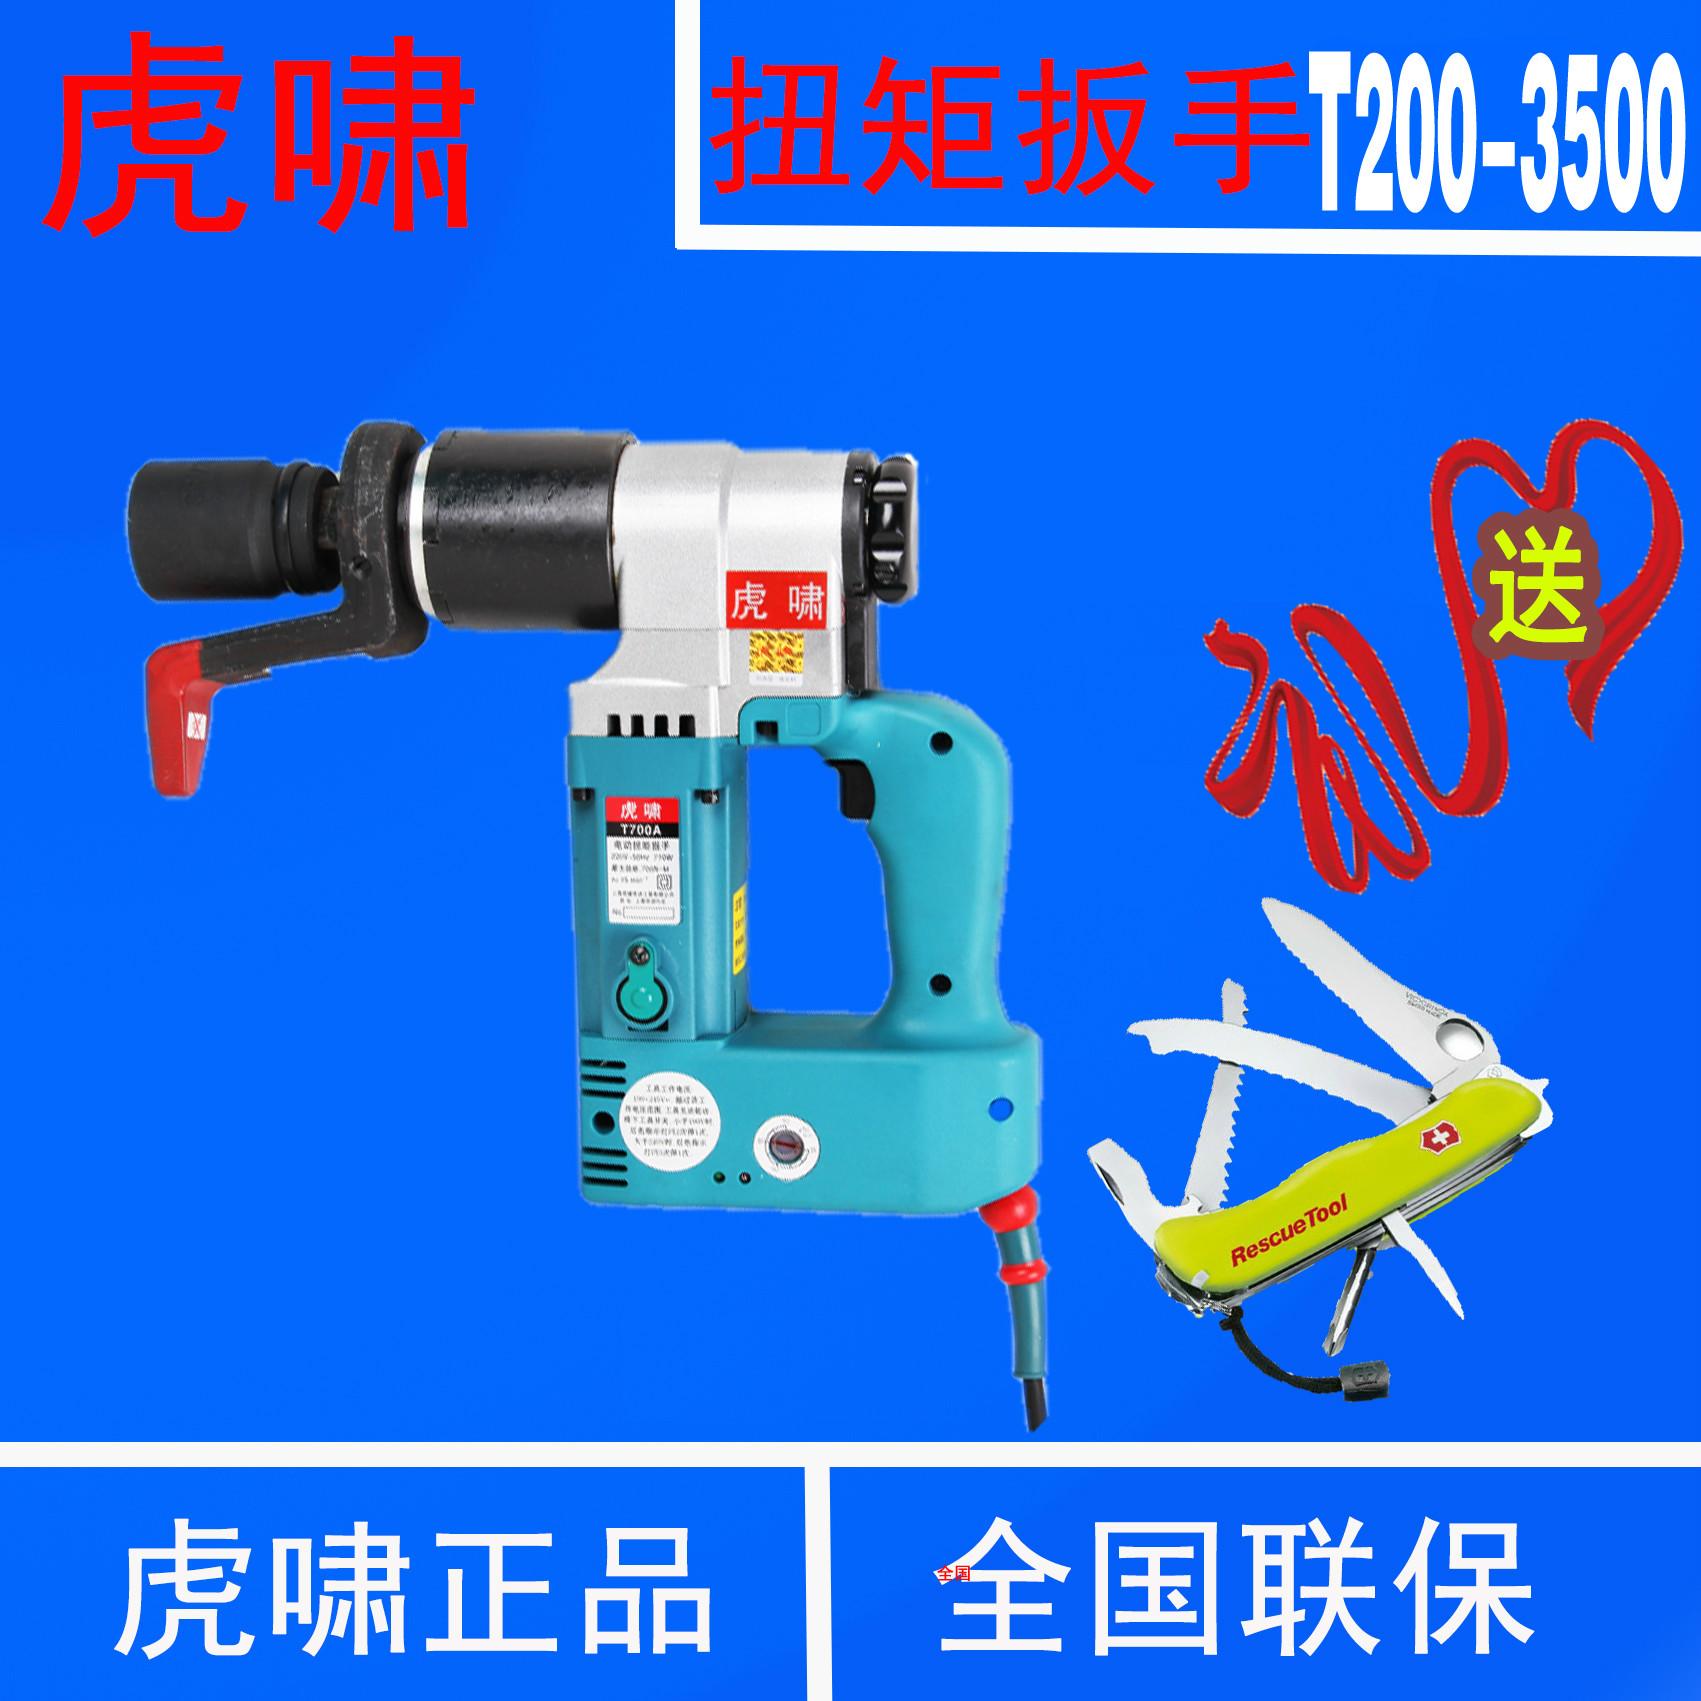 Тигры фиксированный твист квадрат электрический гаечный ключ T2000T1500T1000T700T400T300T200 ротор монтаж